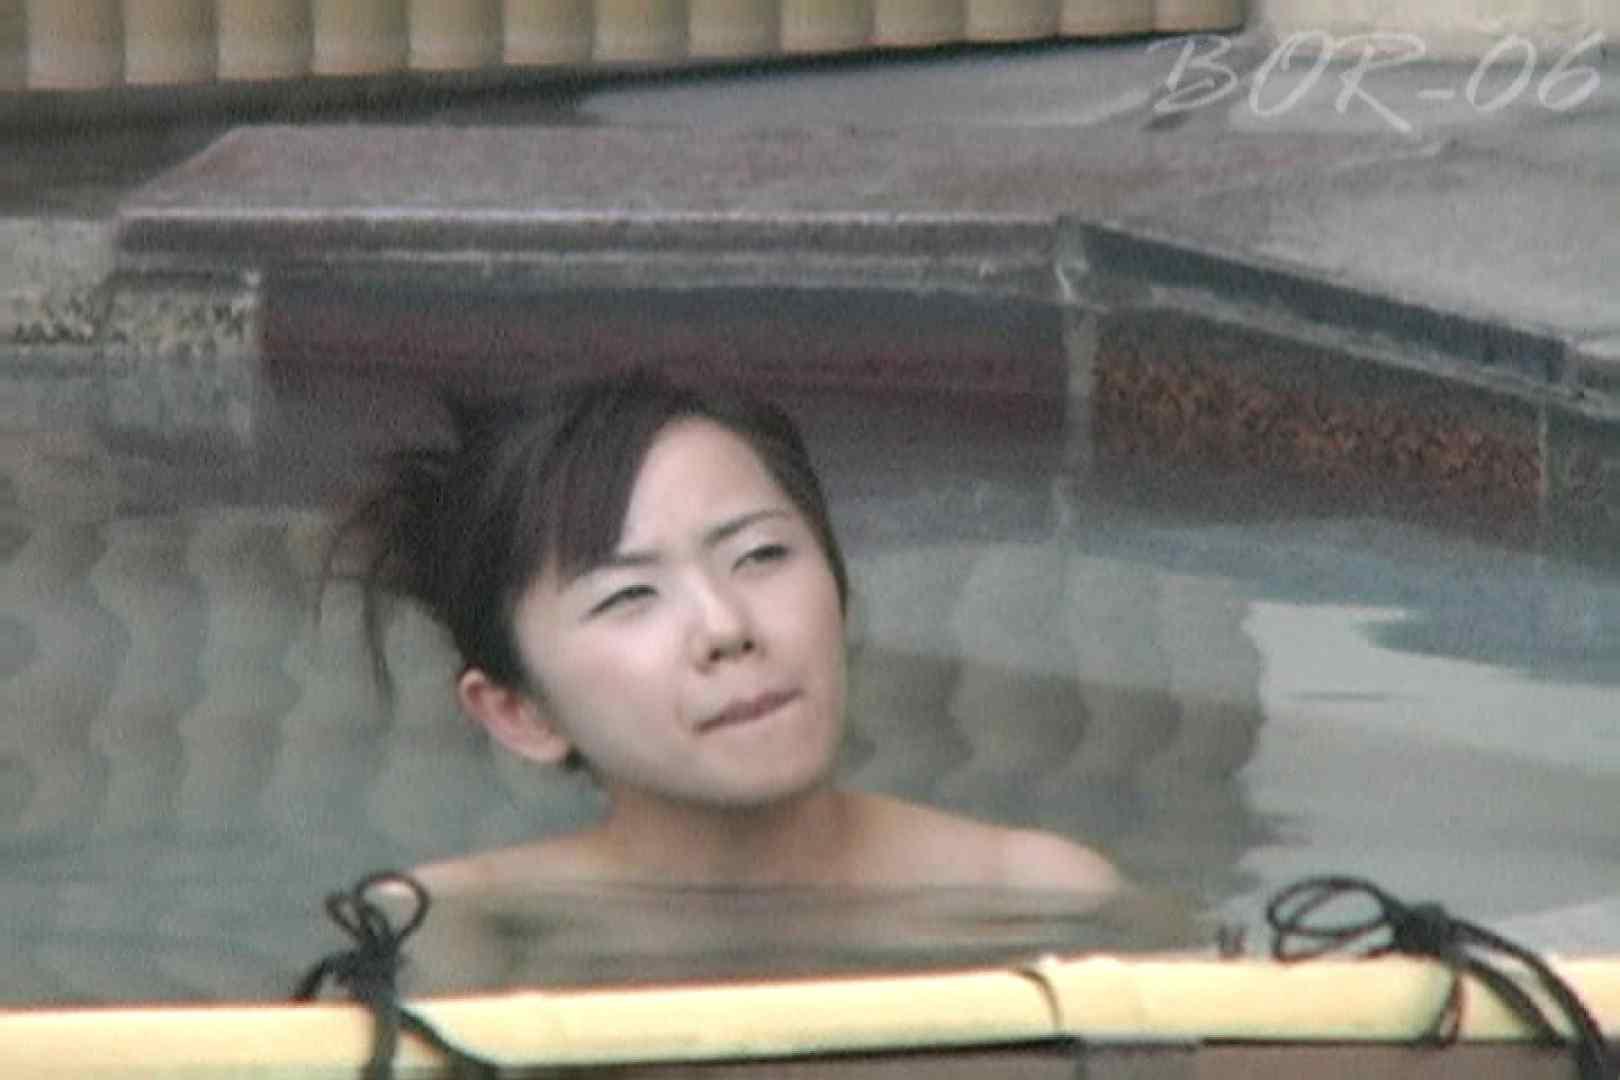 Aquaな露天風呂Vol.521 OLハメ撮り  71Pix 36